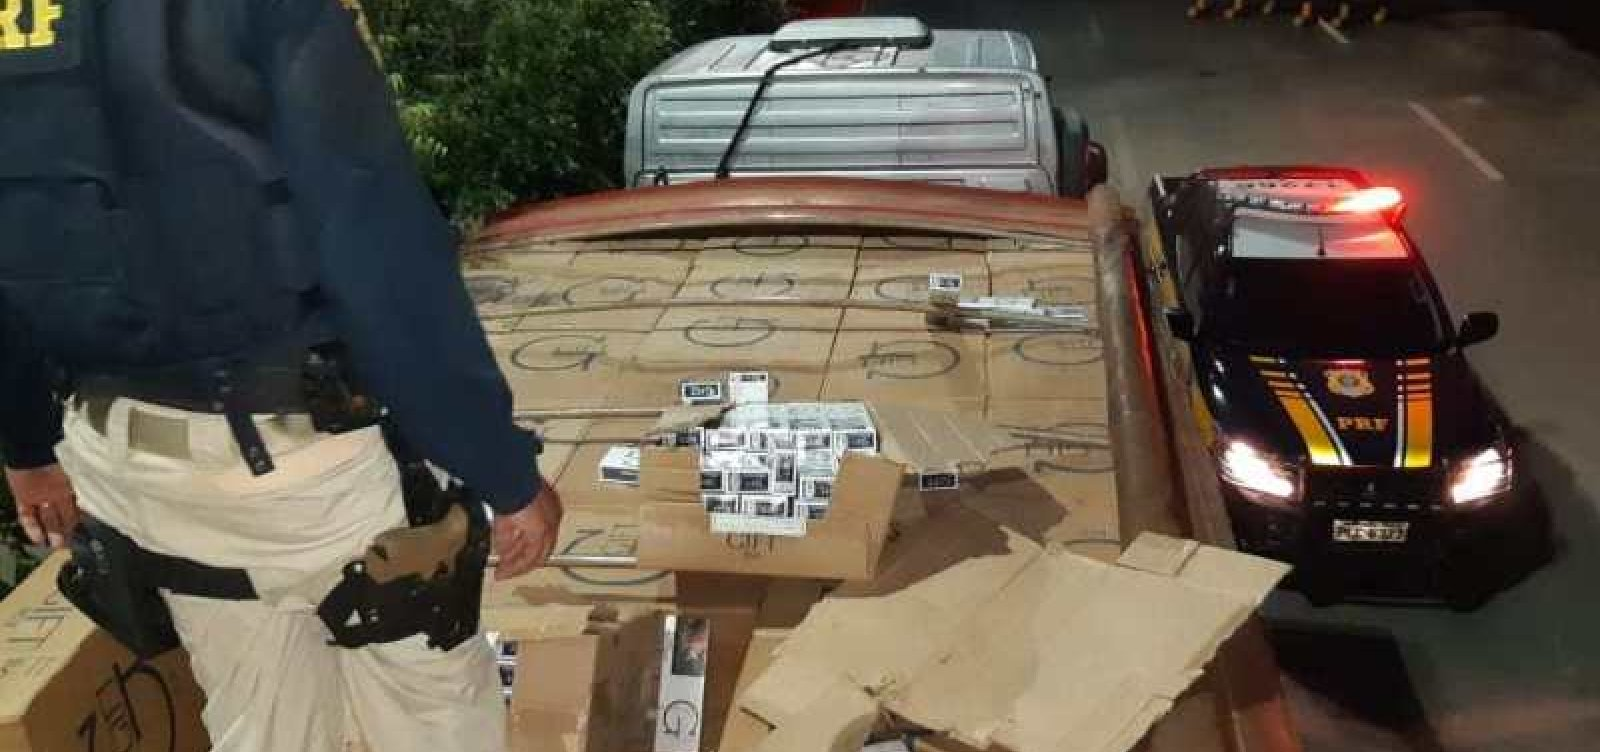 PRF apreende carreta com 420 mil maços de cigarro contrabandeados do Paraguai